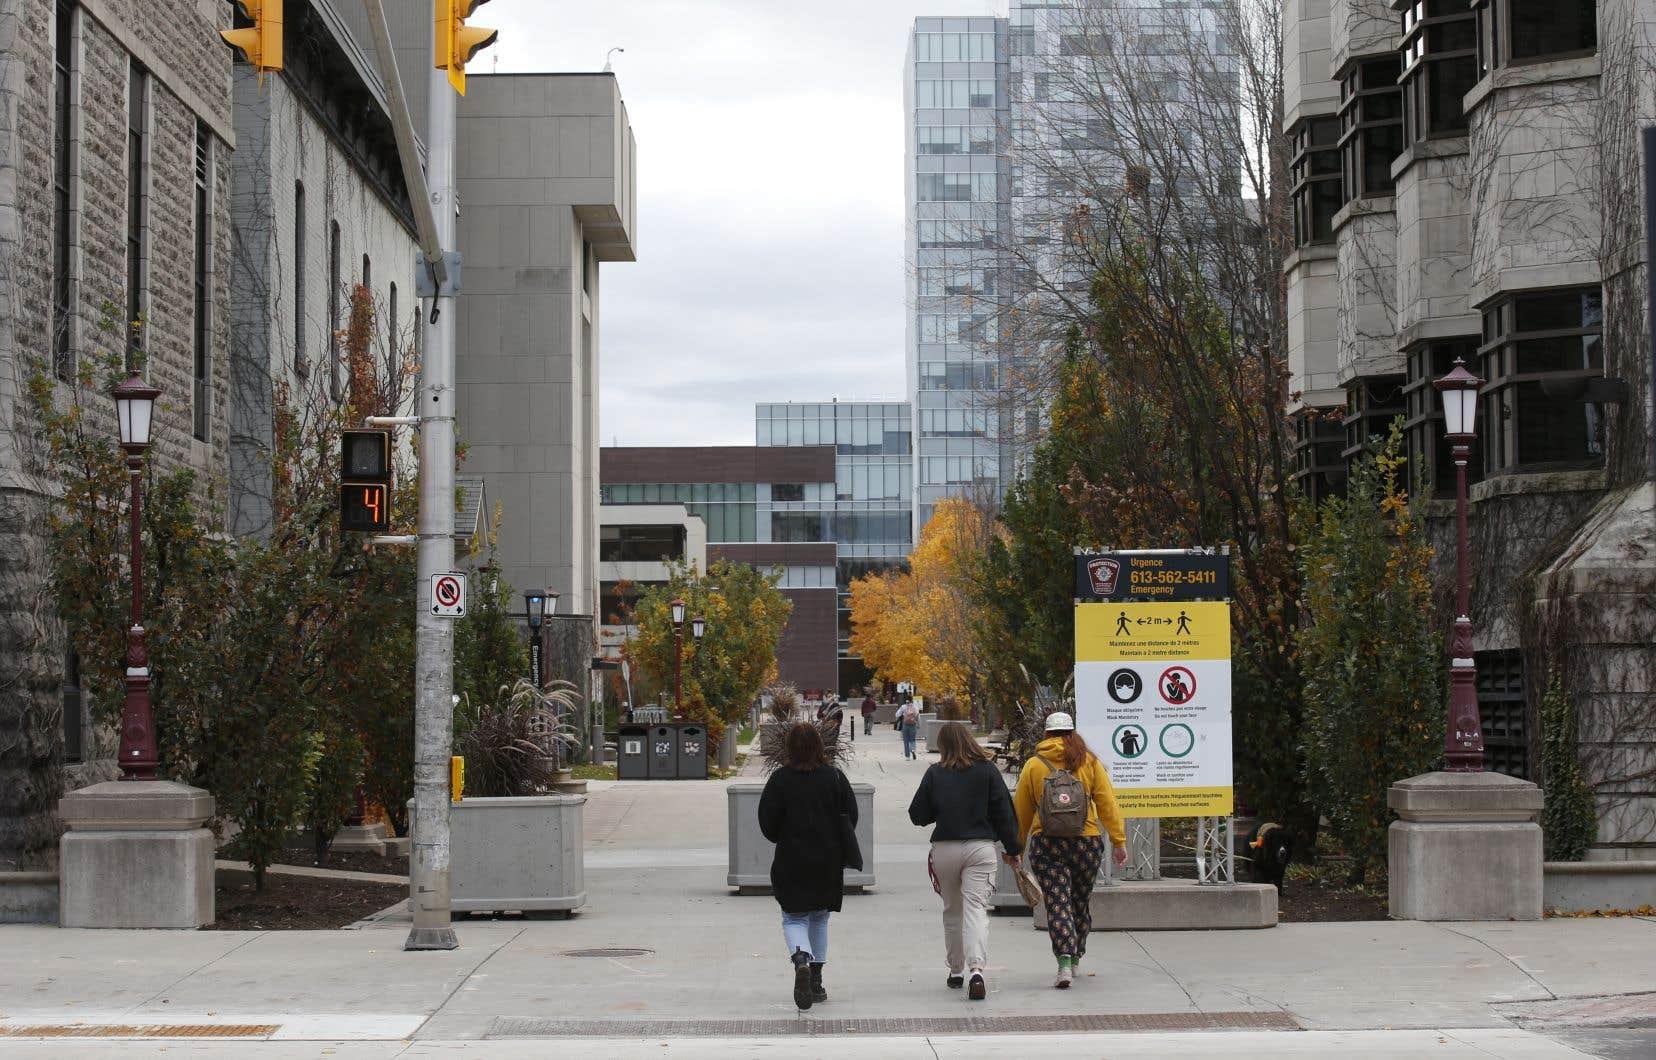 Les sept professeurs affirment que pour eux, un tel climat, qu'ils qualifient de nouveau désordre liberticide, est du jamais vu sur le campus de l'Université d'Ottawa.